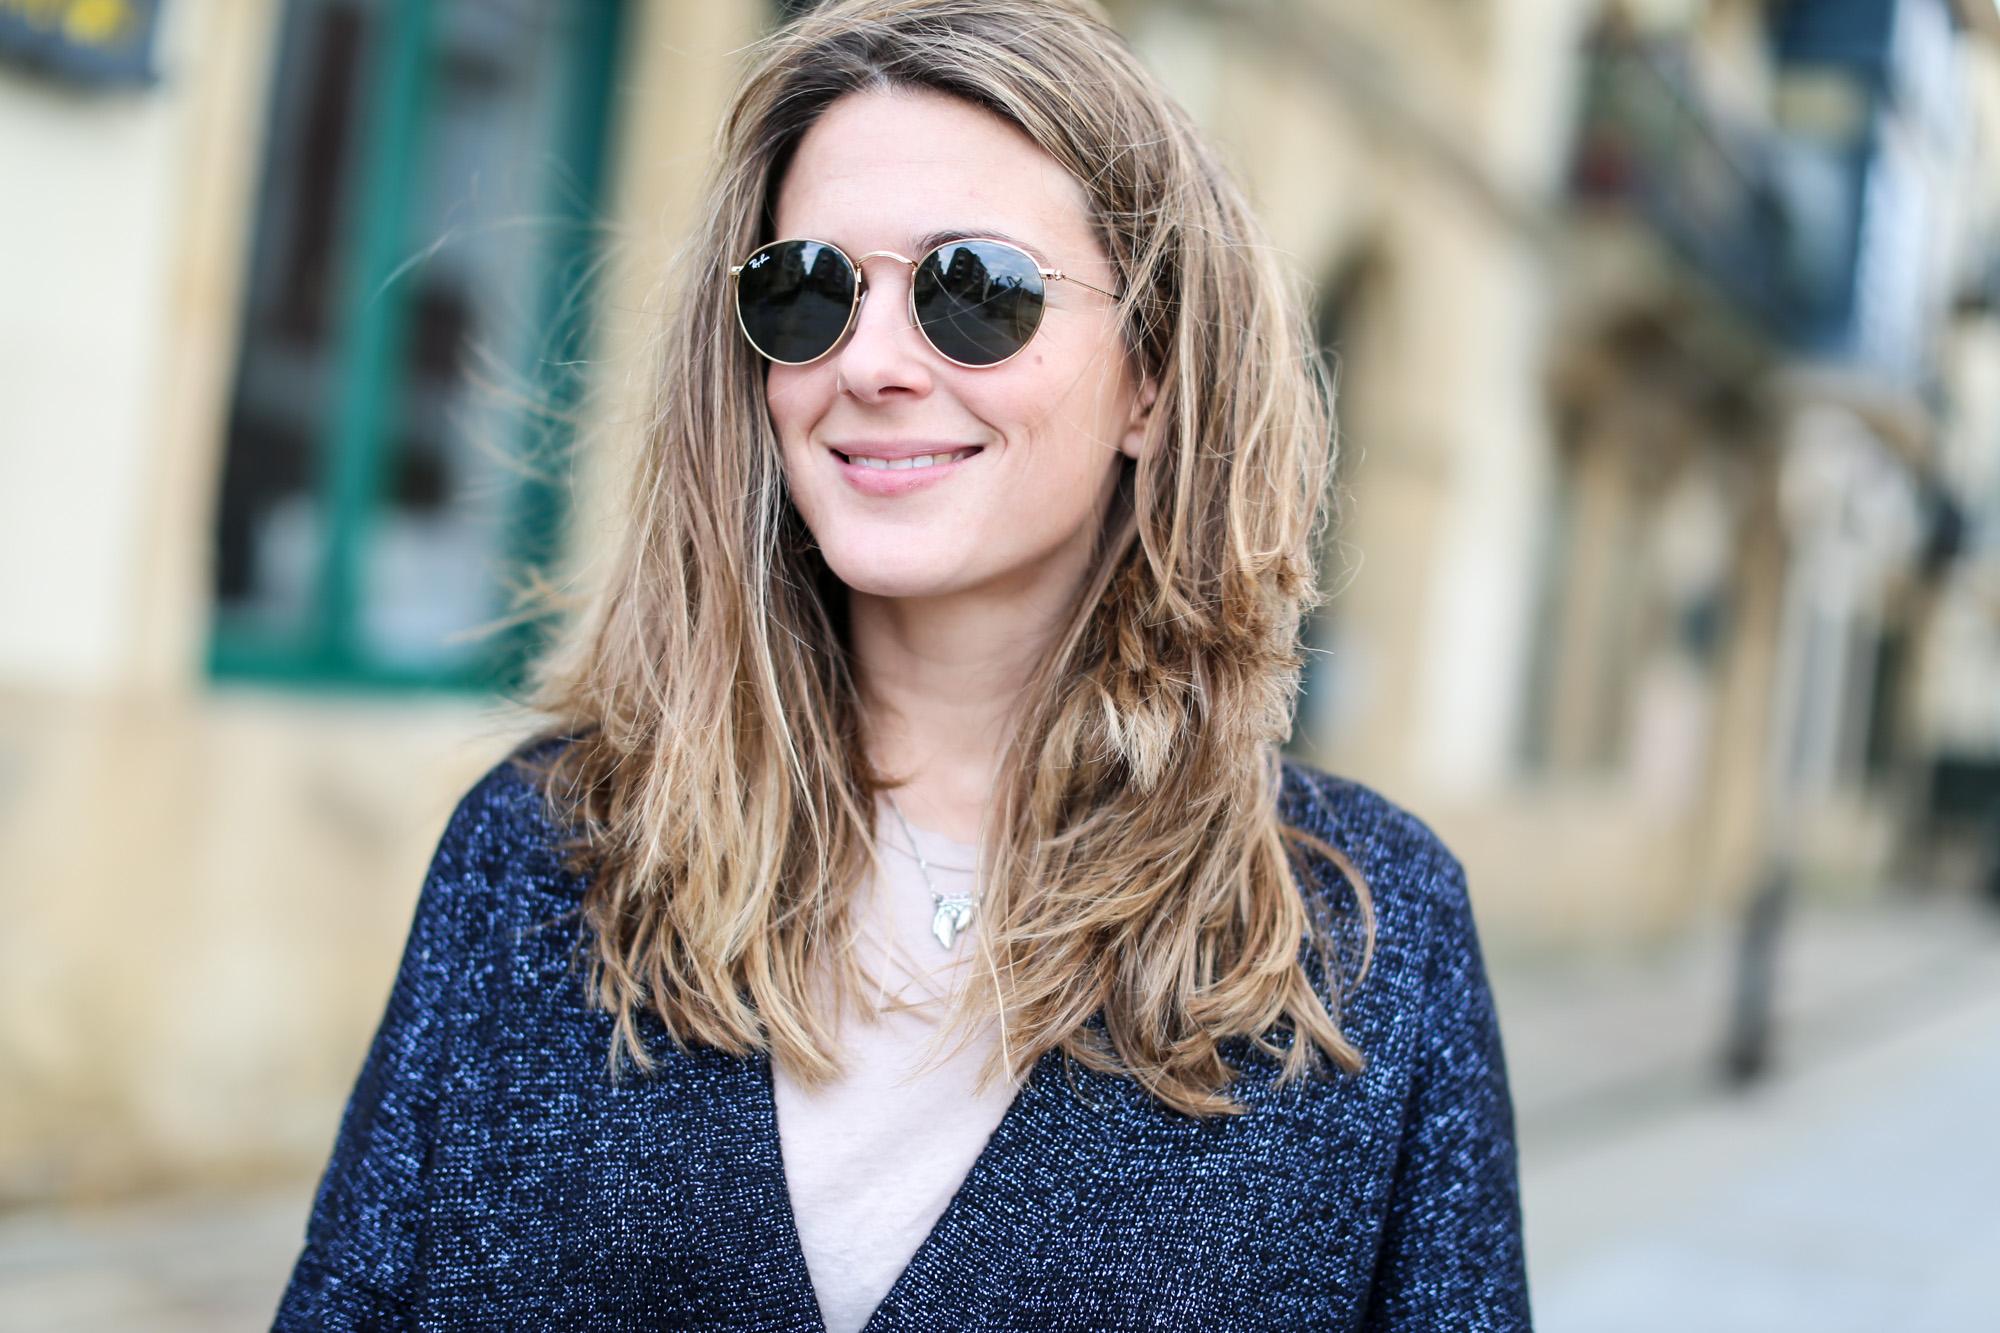 Clochet_streestyle_fashionblogger_topshopjamiejeans_zaranavyglitterknit_furcoat-6